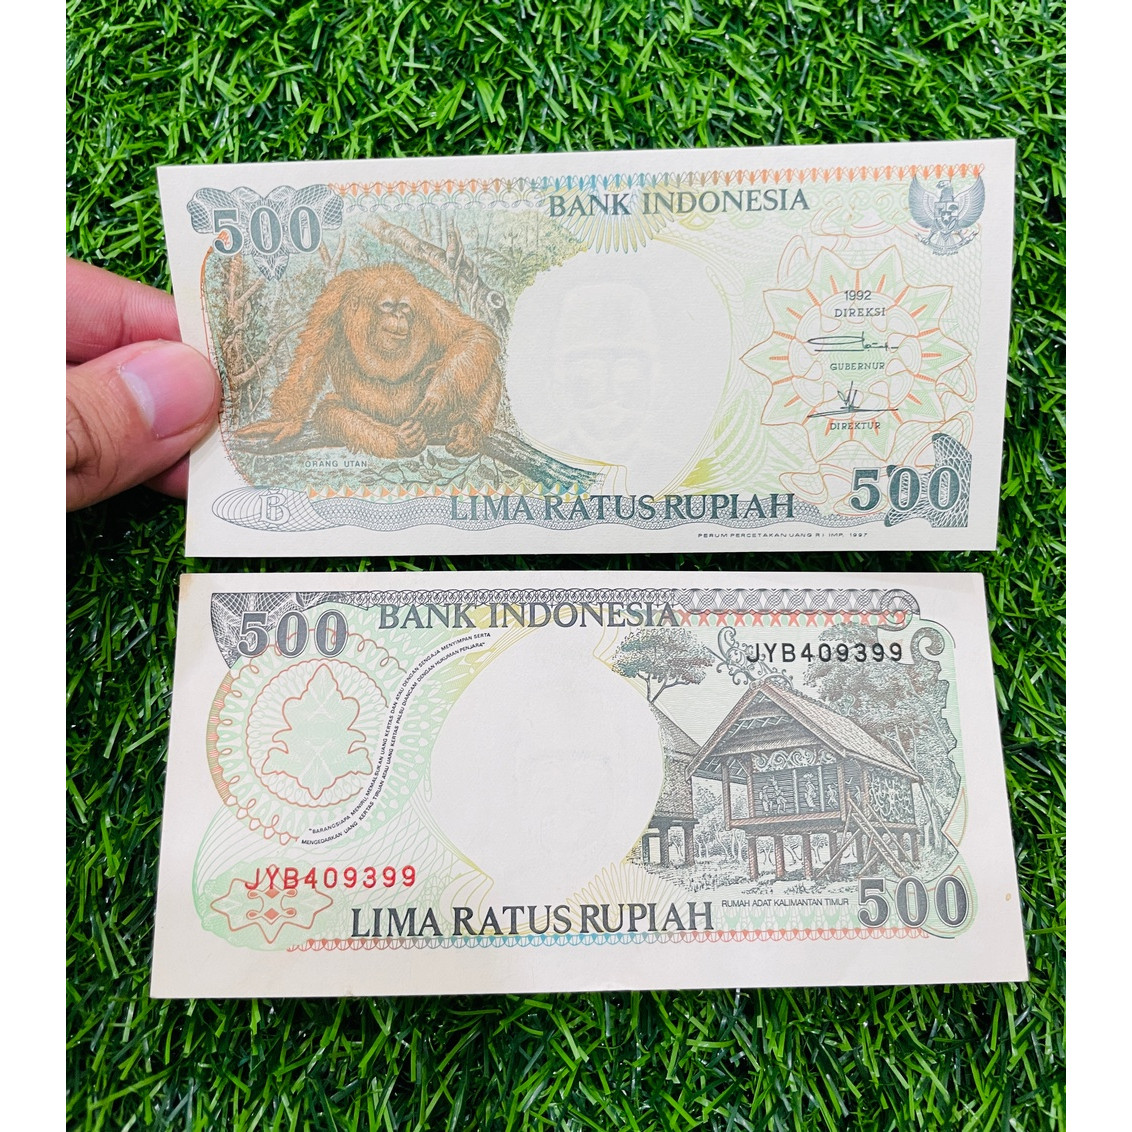 Tiền hình con khỉ Indonesia xưa, quà tặng người tuổi Thân, mới 100% UNC tặng túi nilon bảo quản